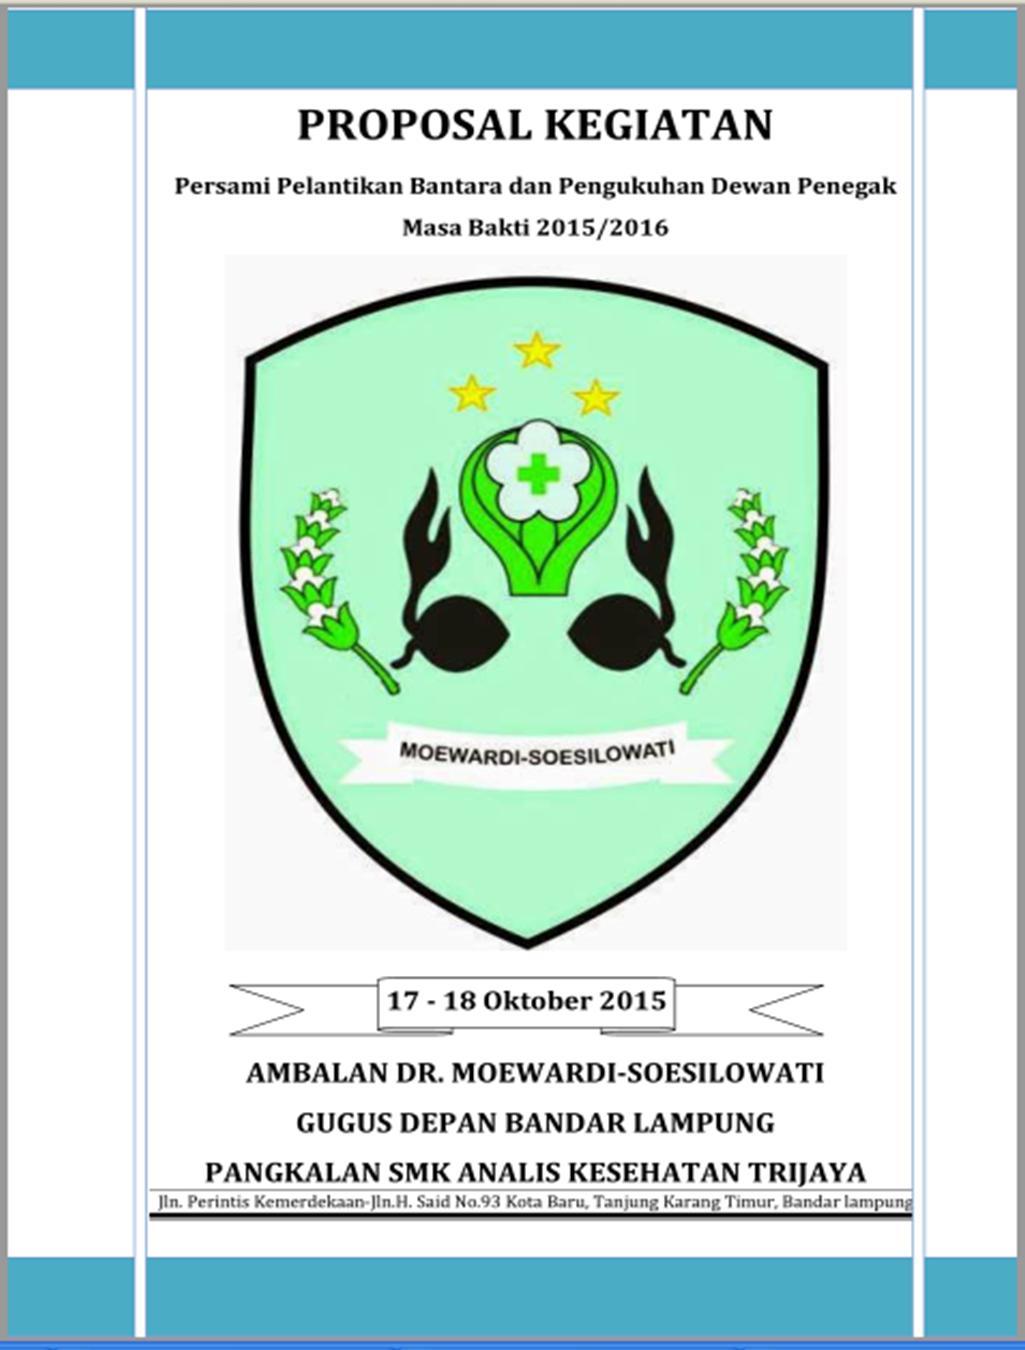 Contoh Proposal Perkemahan Dr Moewardi Soesilowati